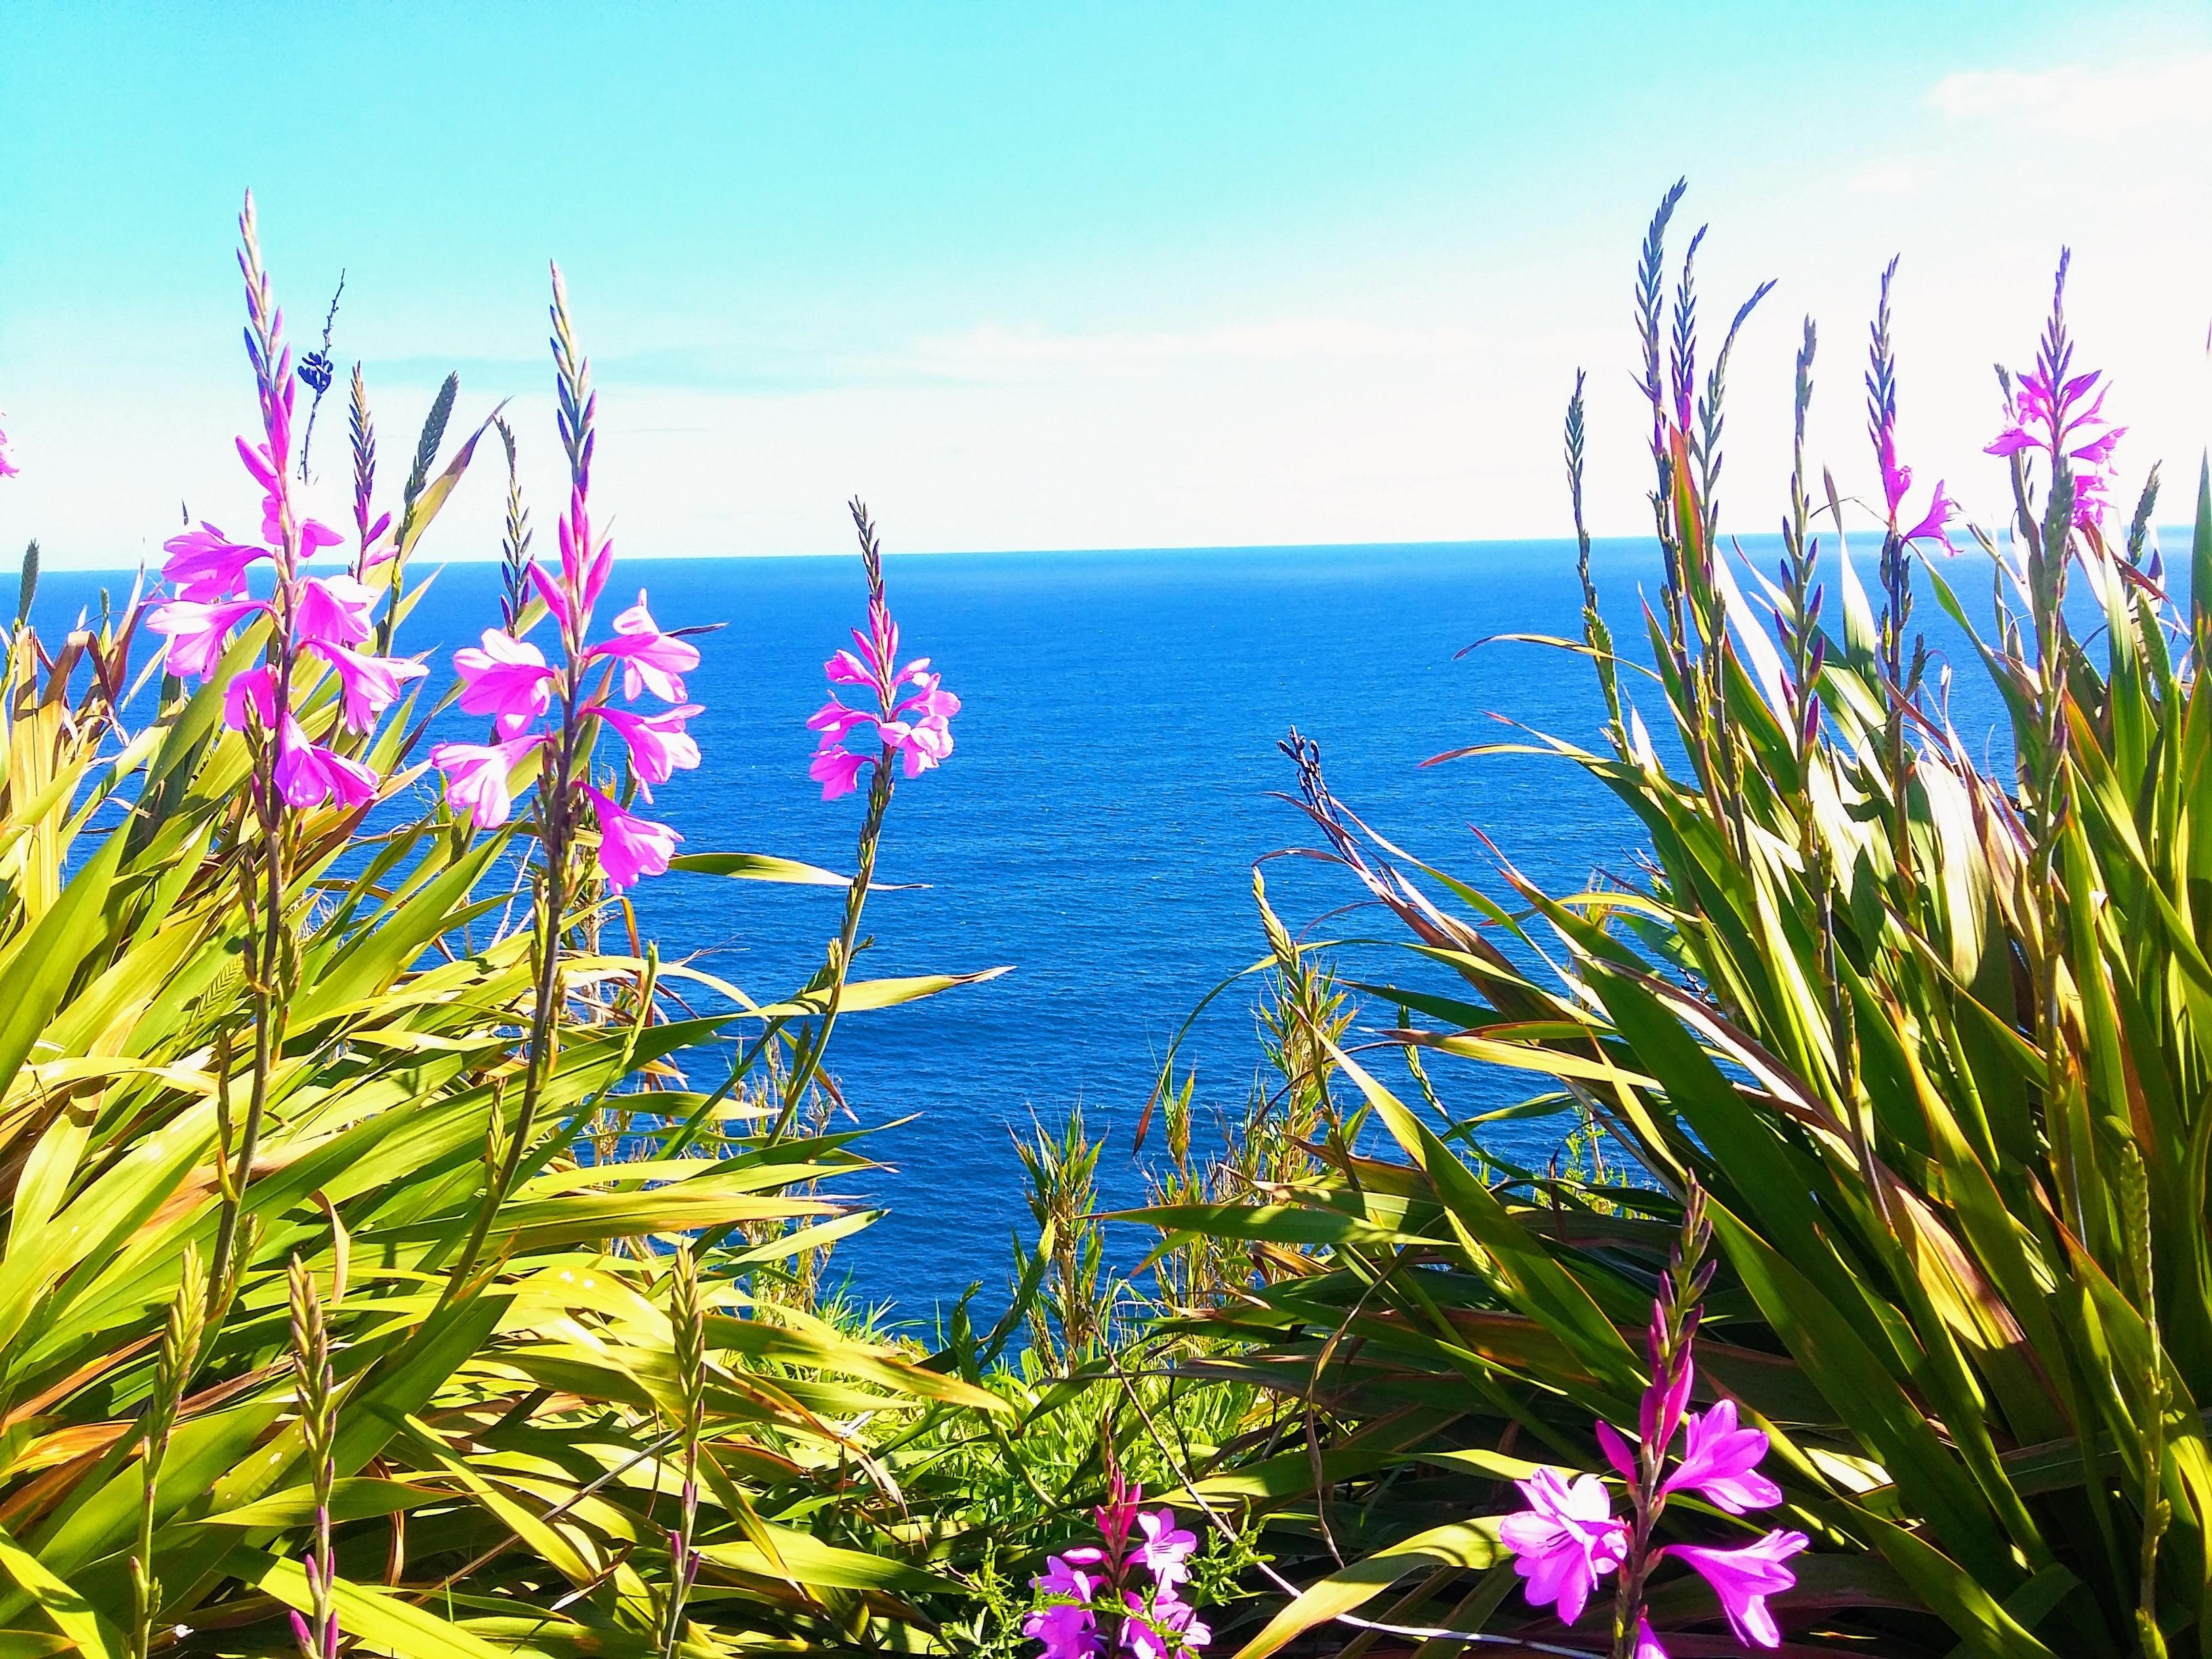 sao miguel flowers hydrangea ocean azores